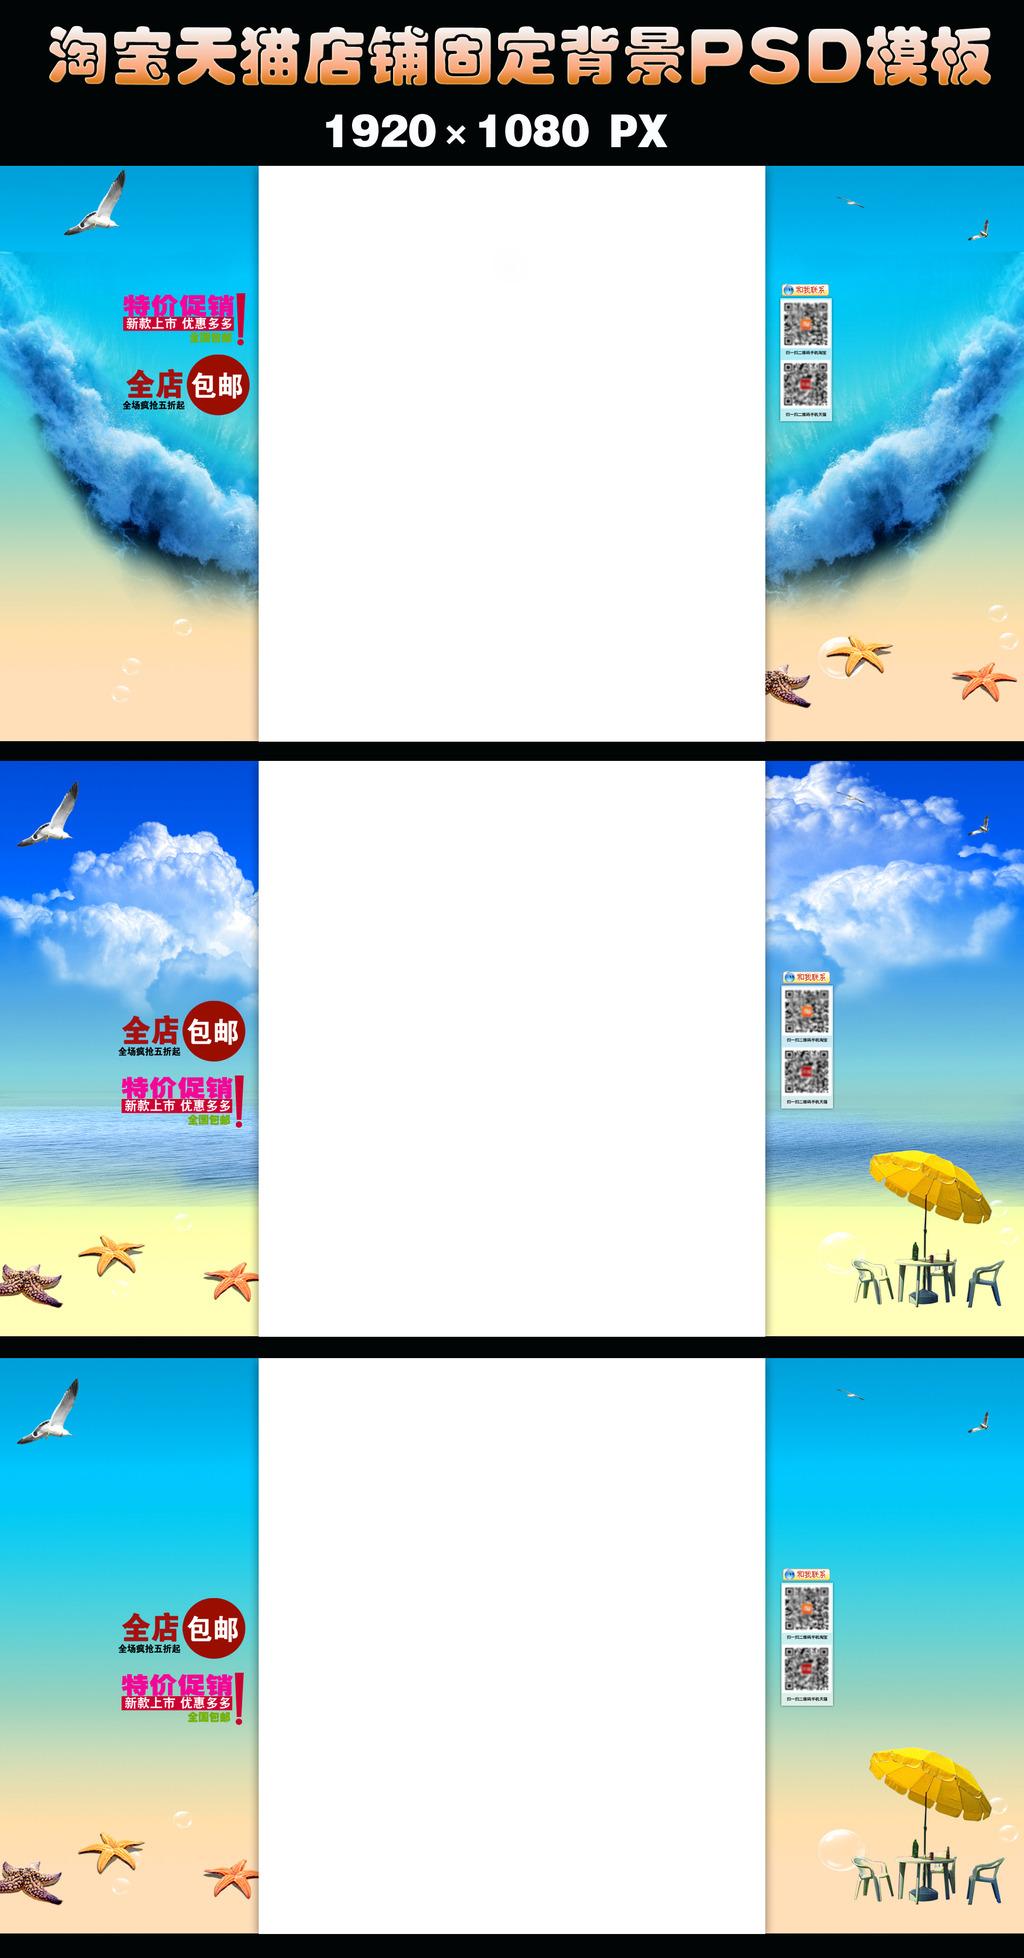 背景模板图片下载 淘宝天猫男女式